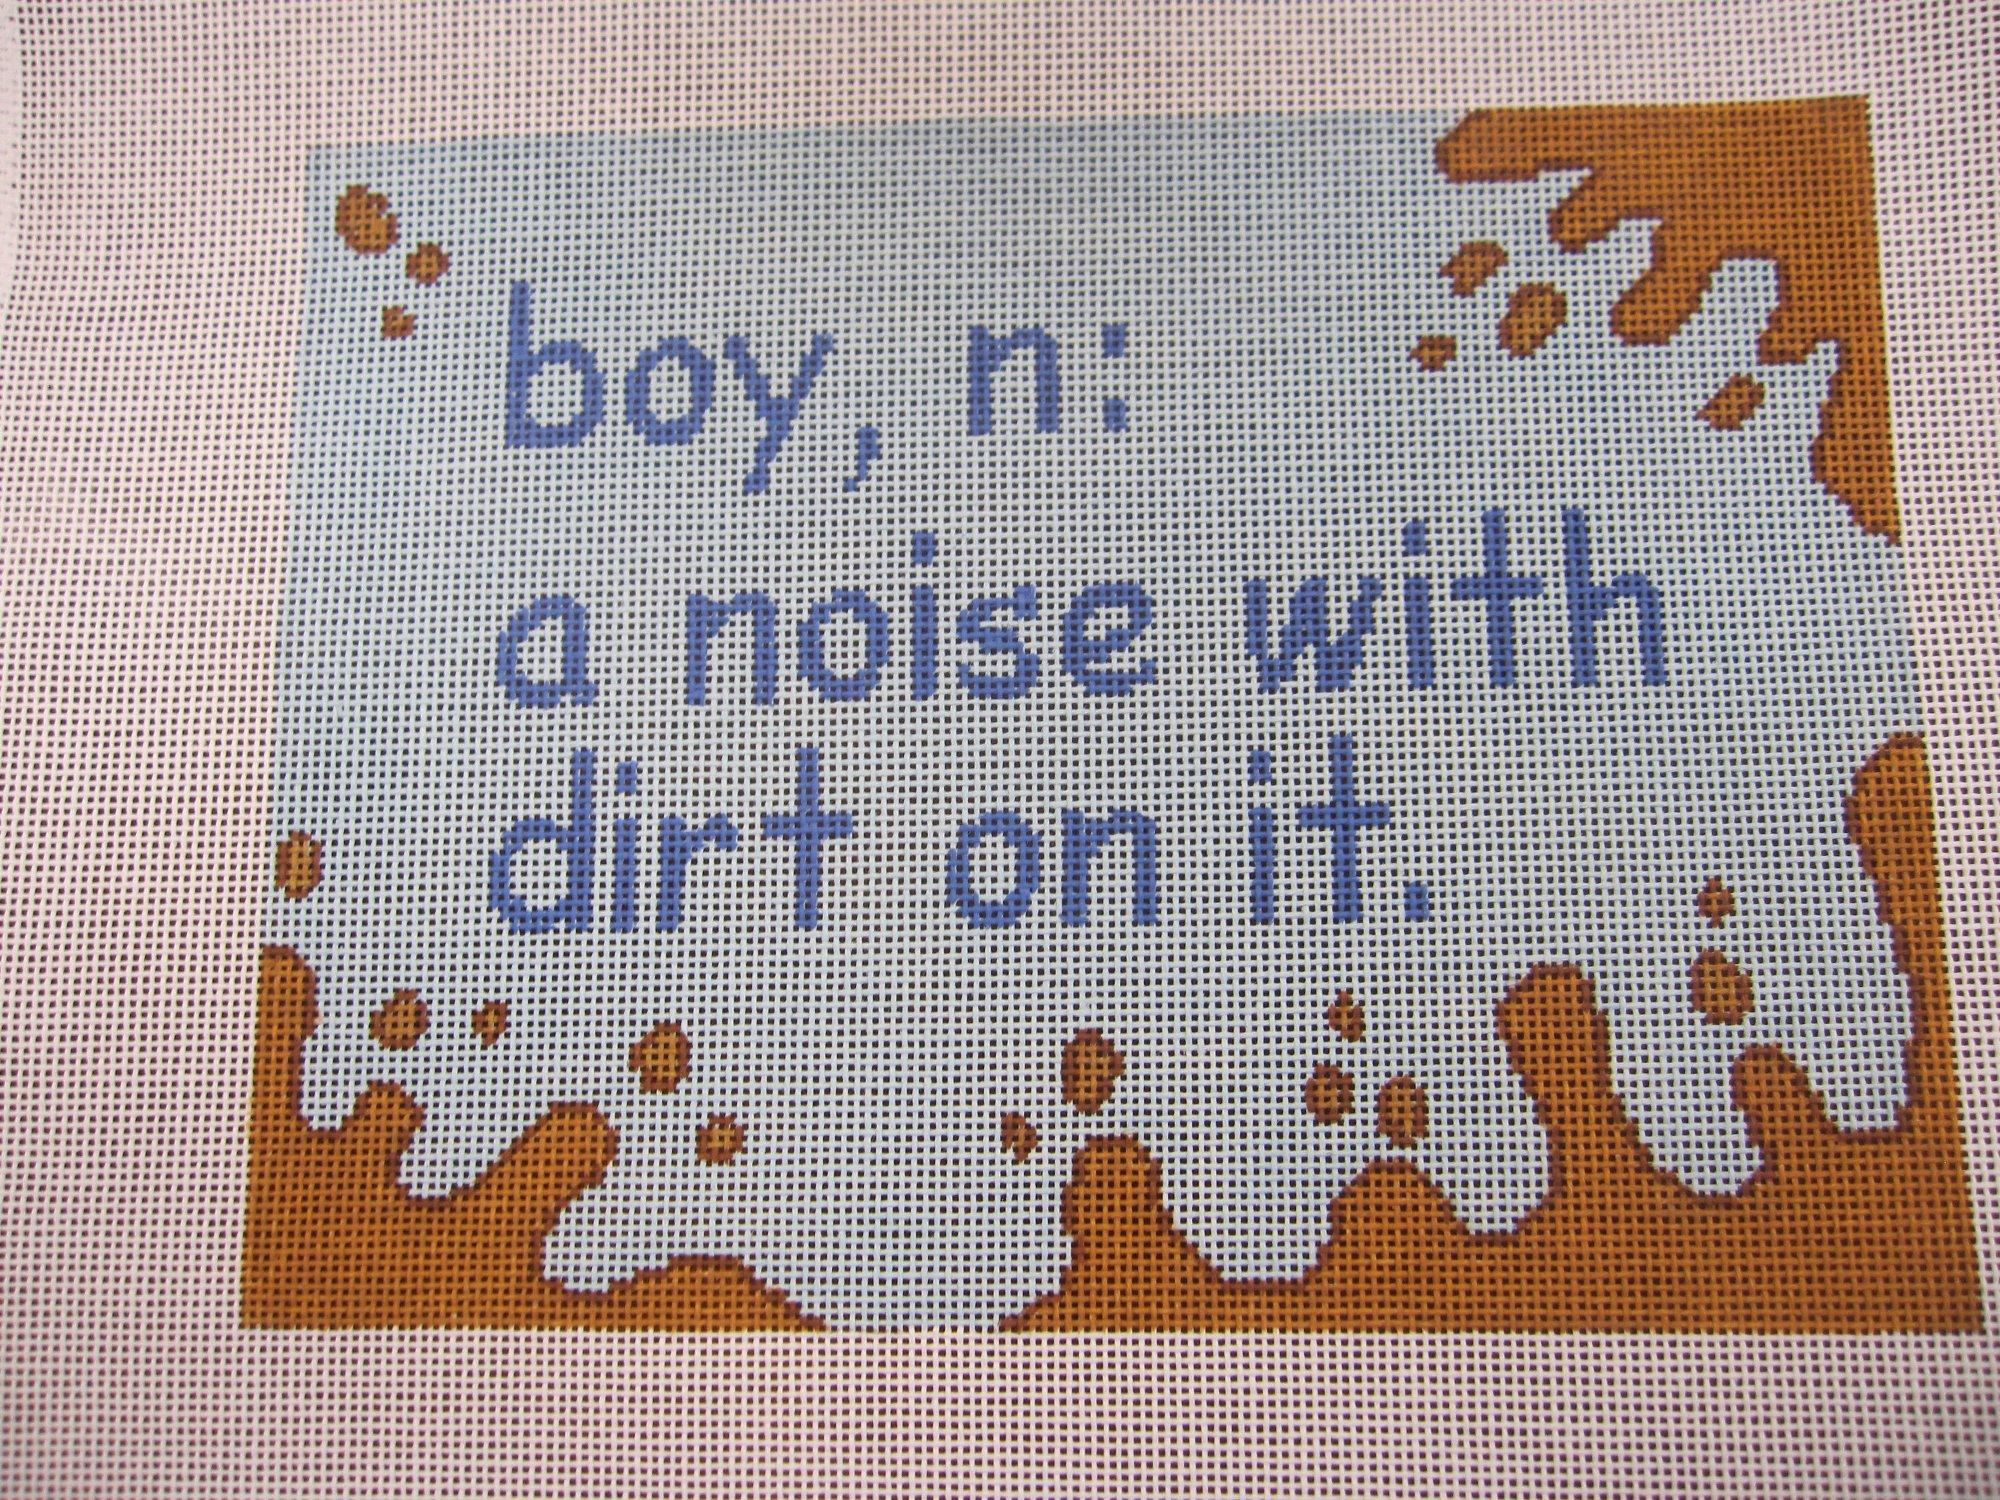 BOY - Definition